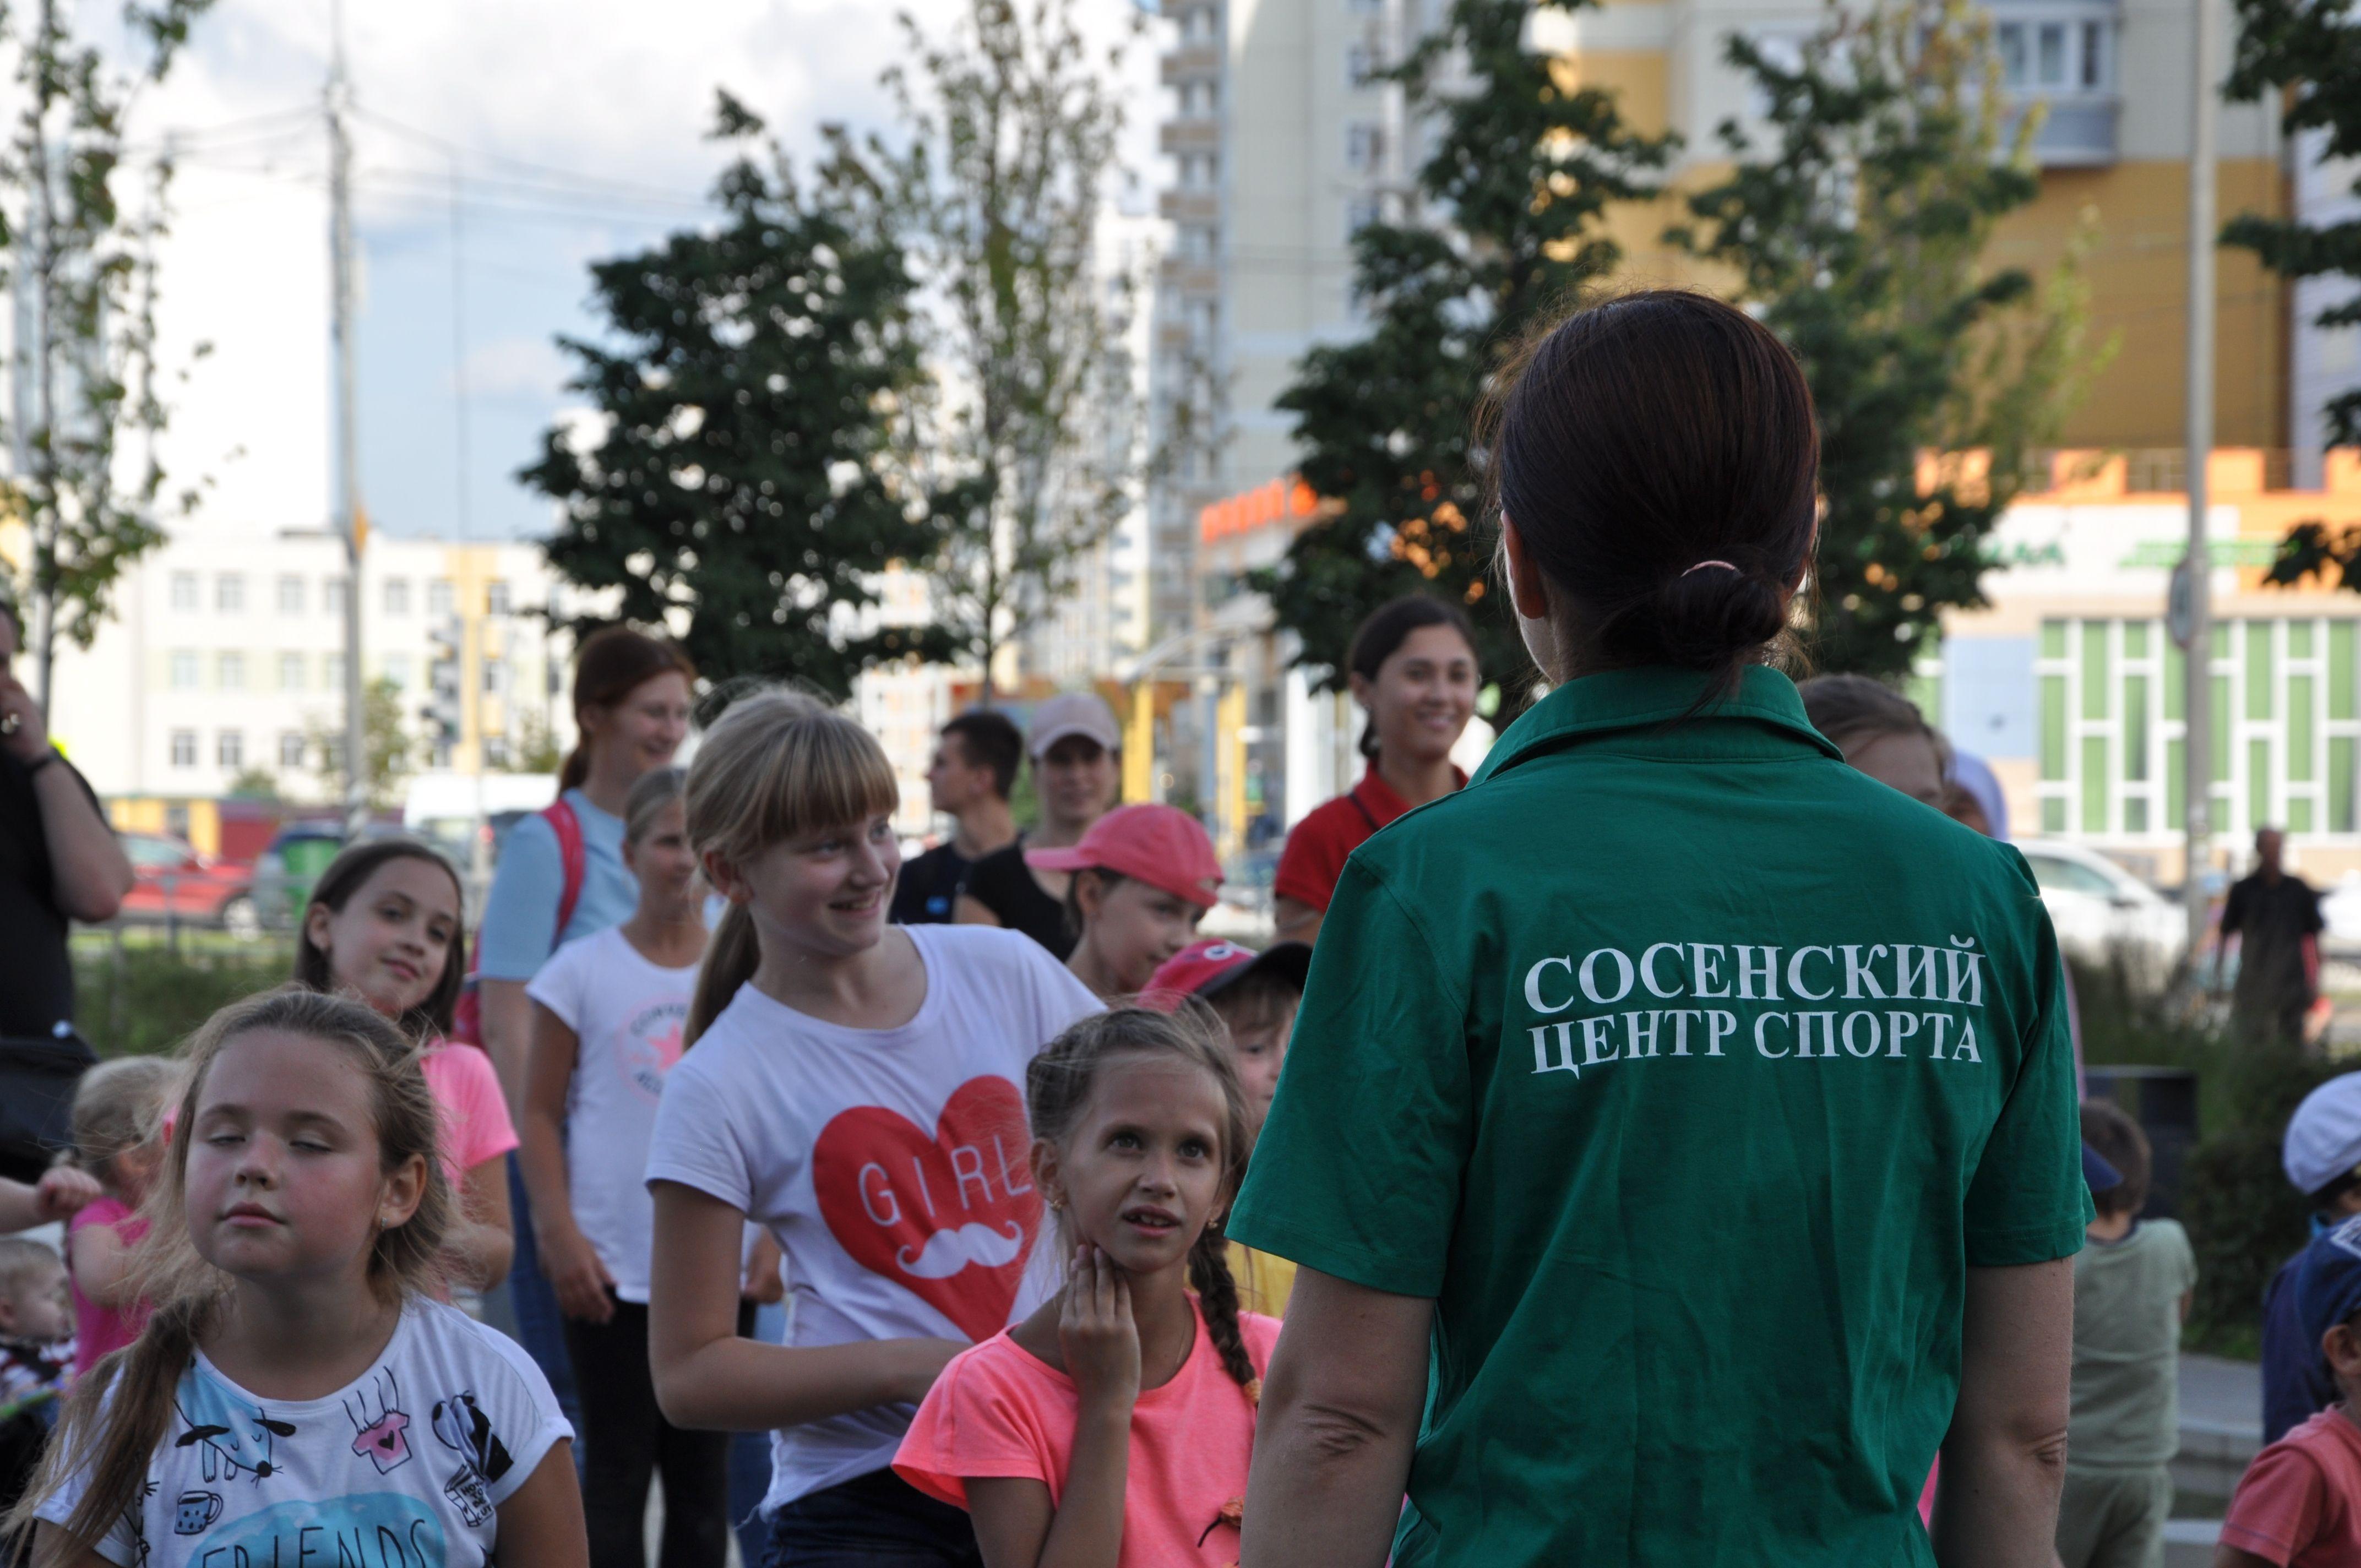 Танец в стиле «лолипоп» показал тренер Сосенского центра спорта